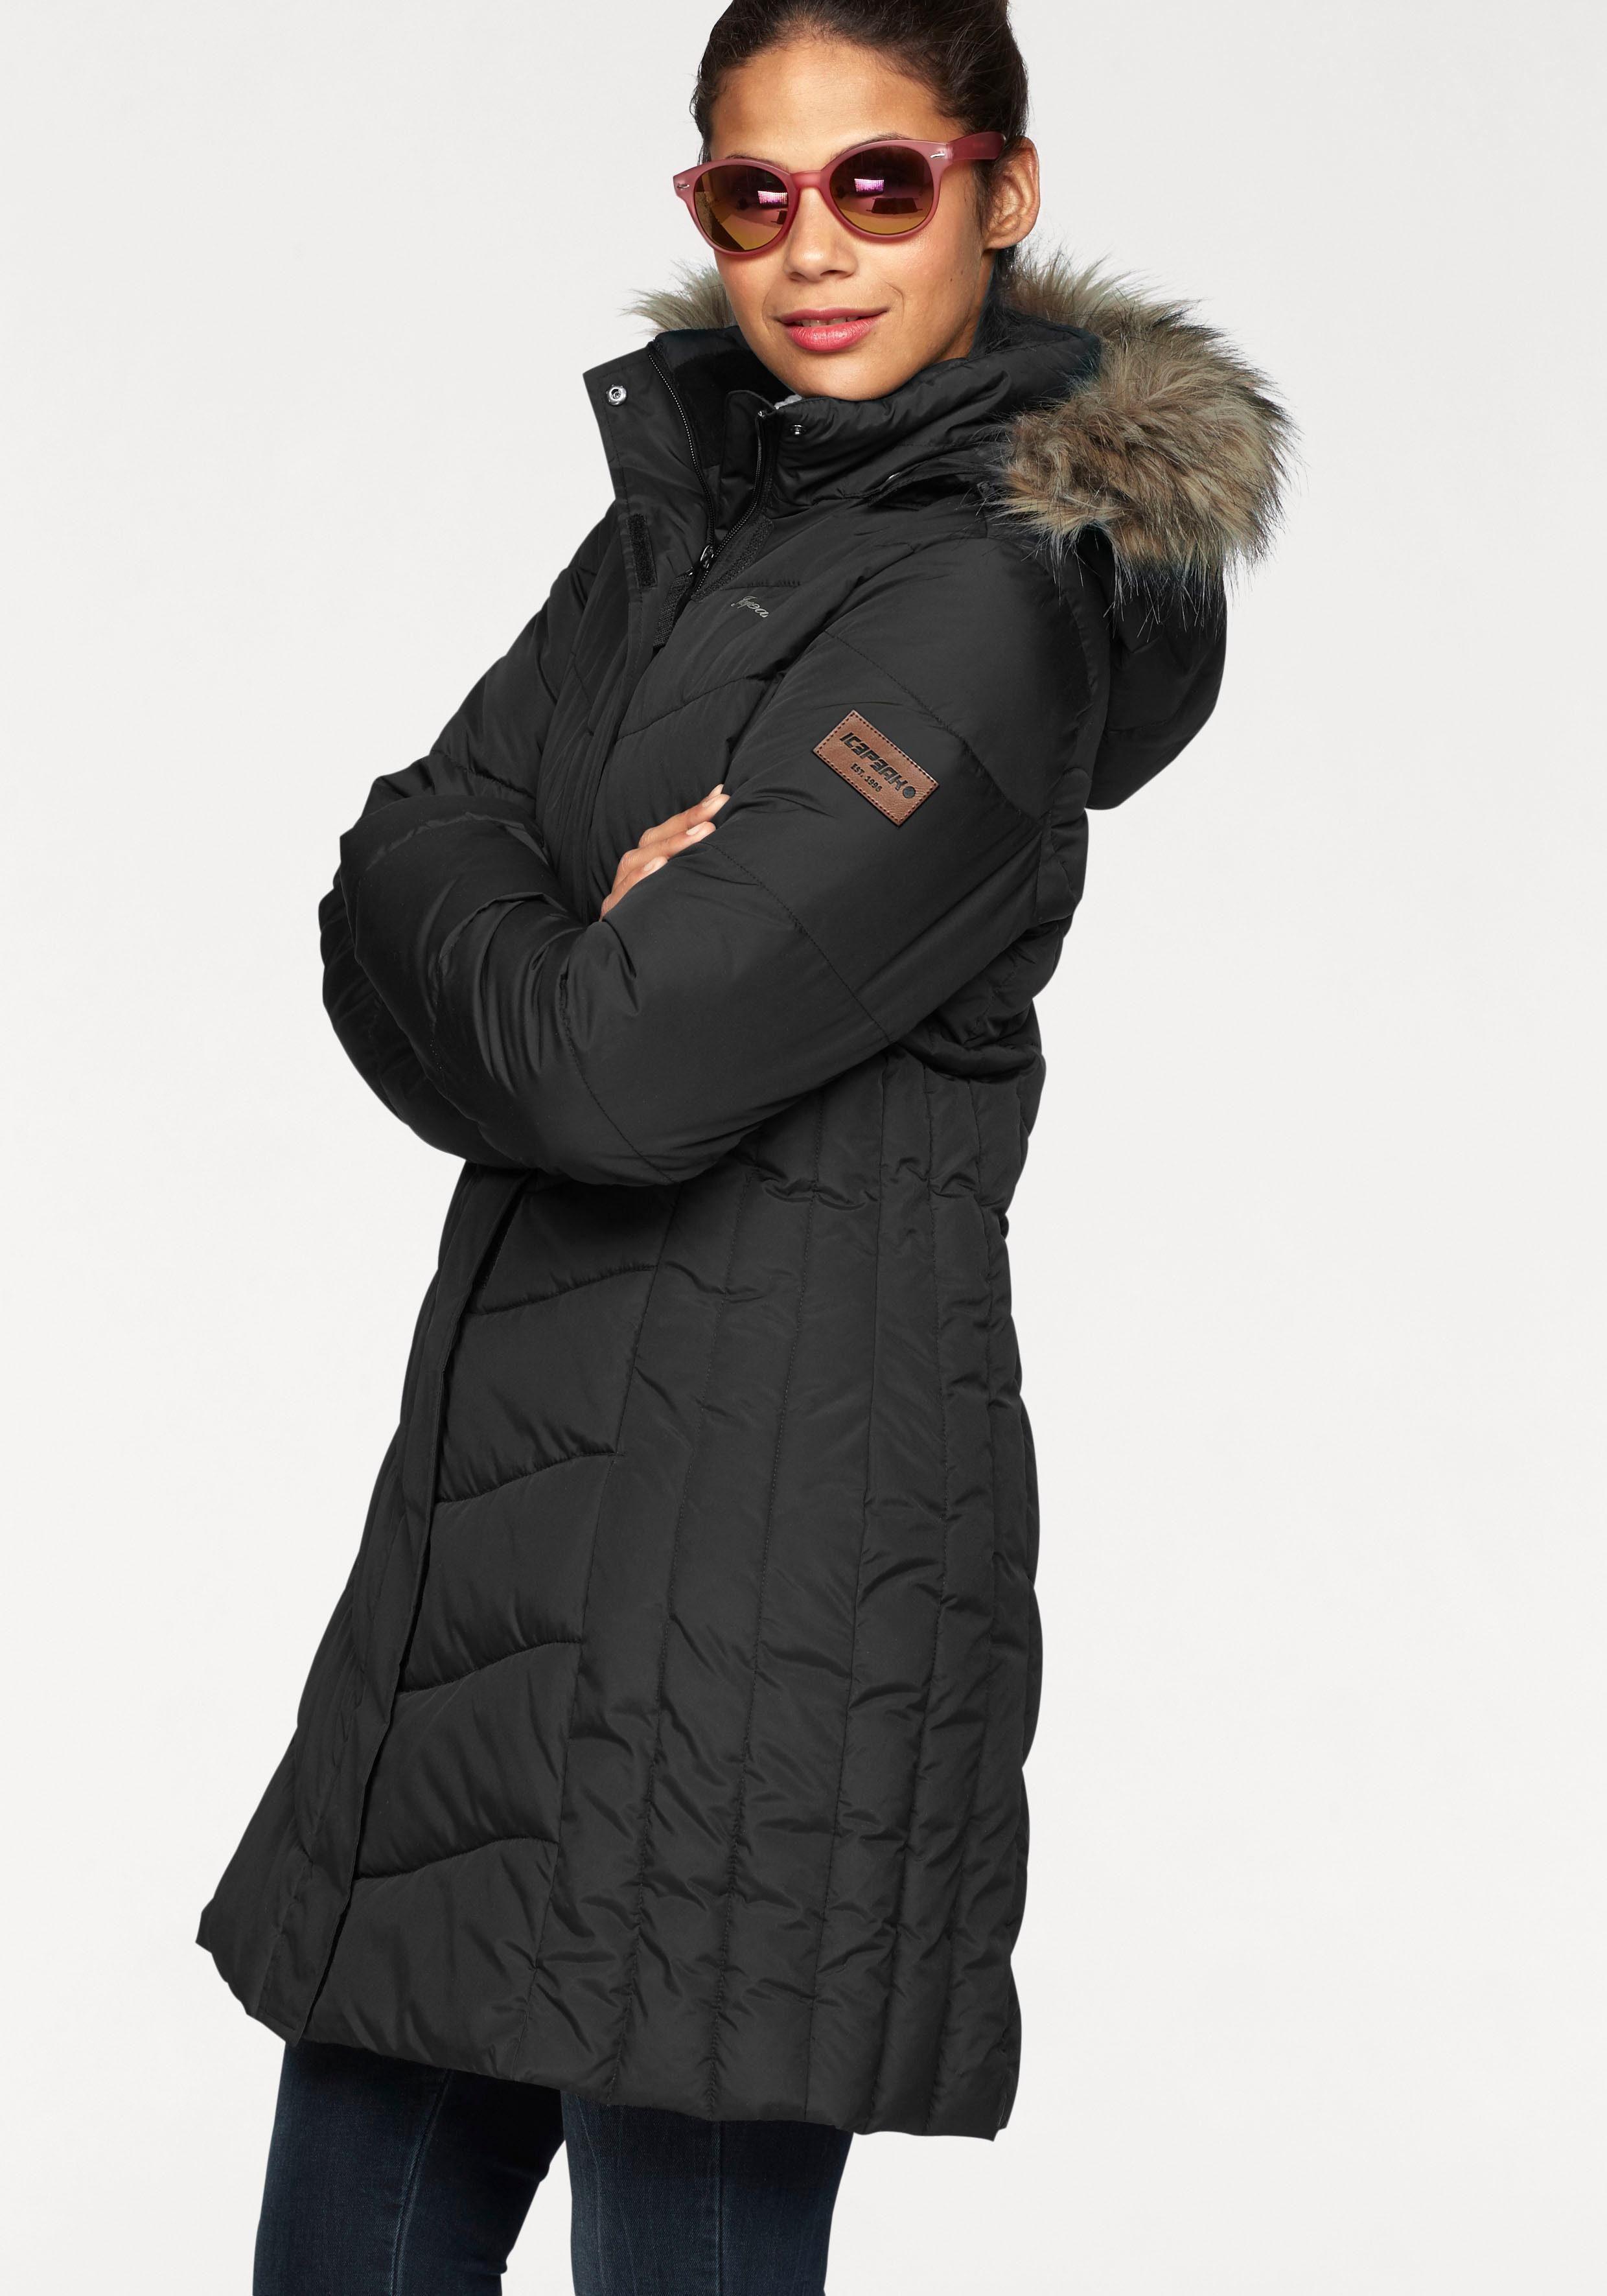 Icepeak Wintermantel »PAIVA«, Wasserabweisend, winddicht, atmungsaktiv online kaufen | OTTO